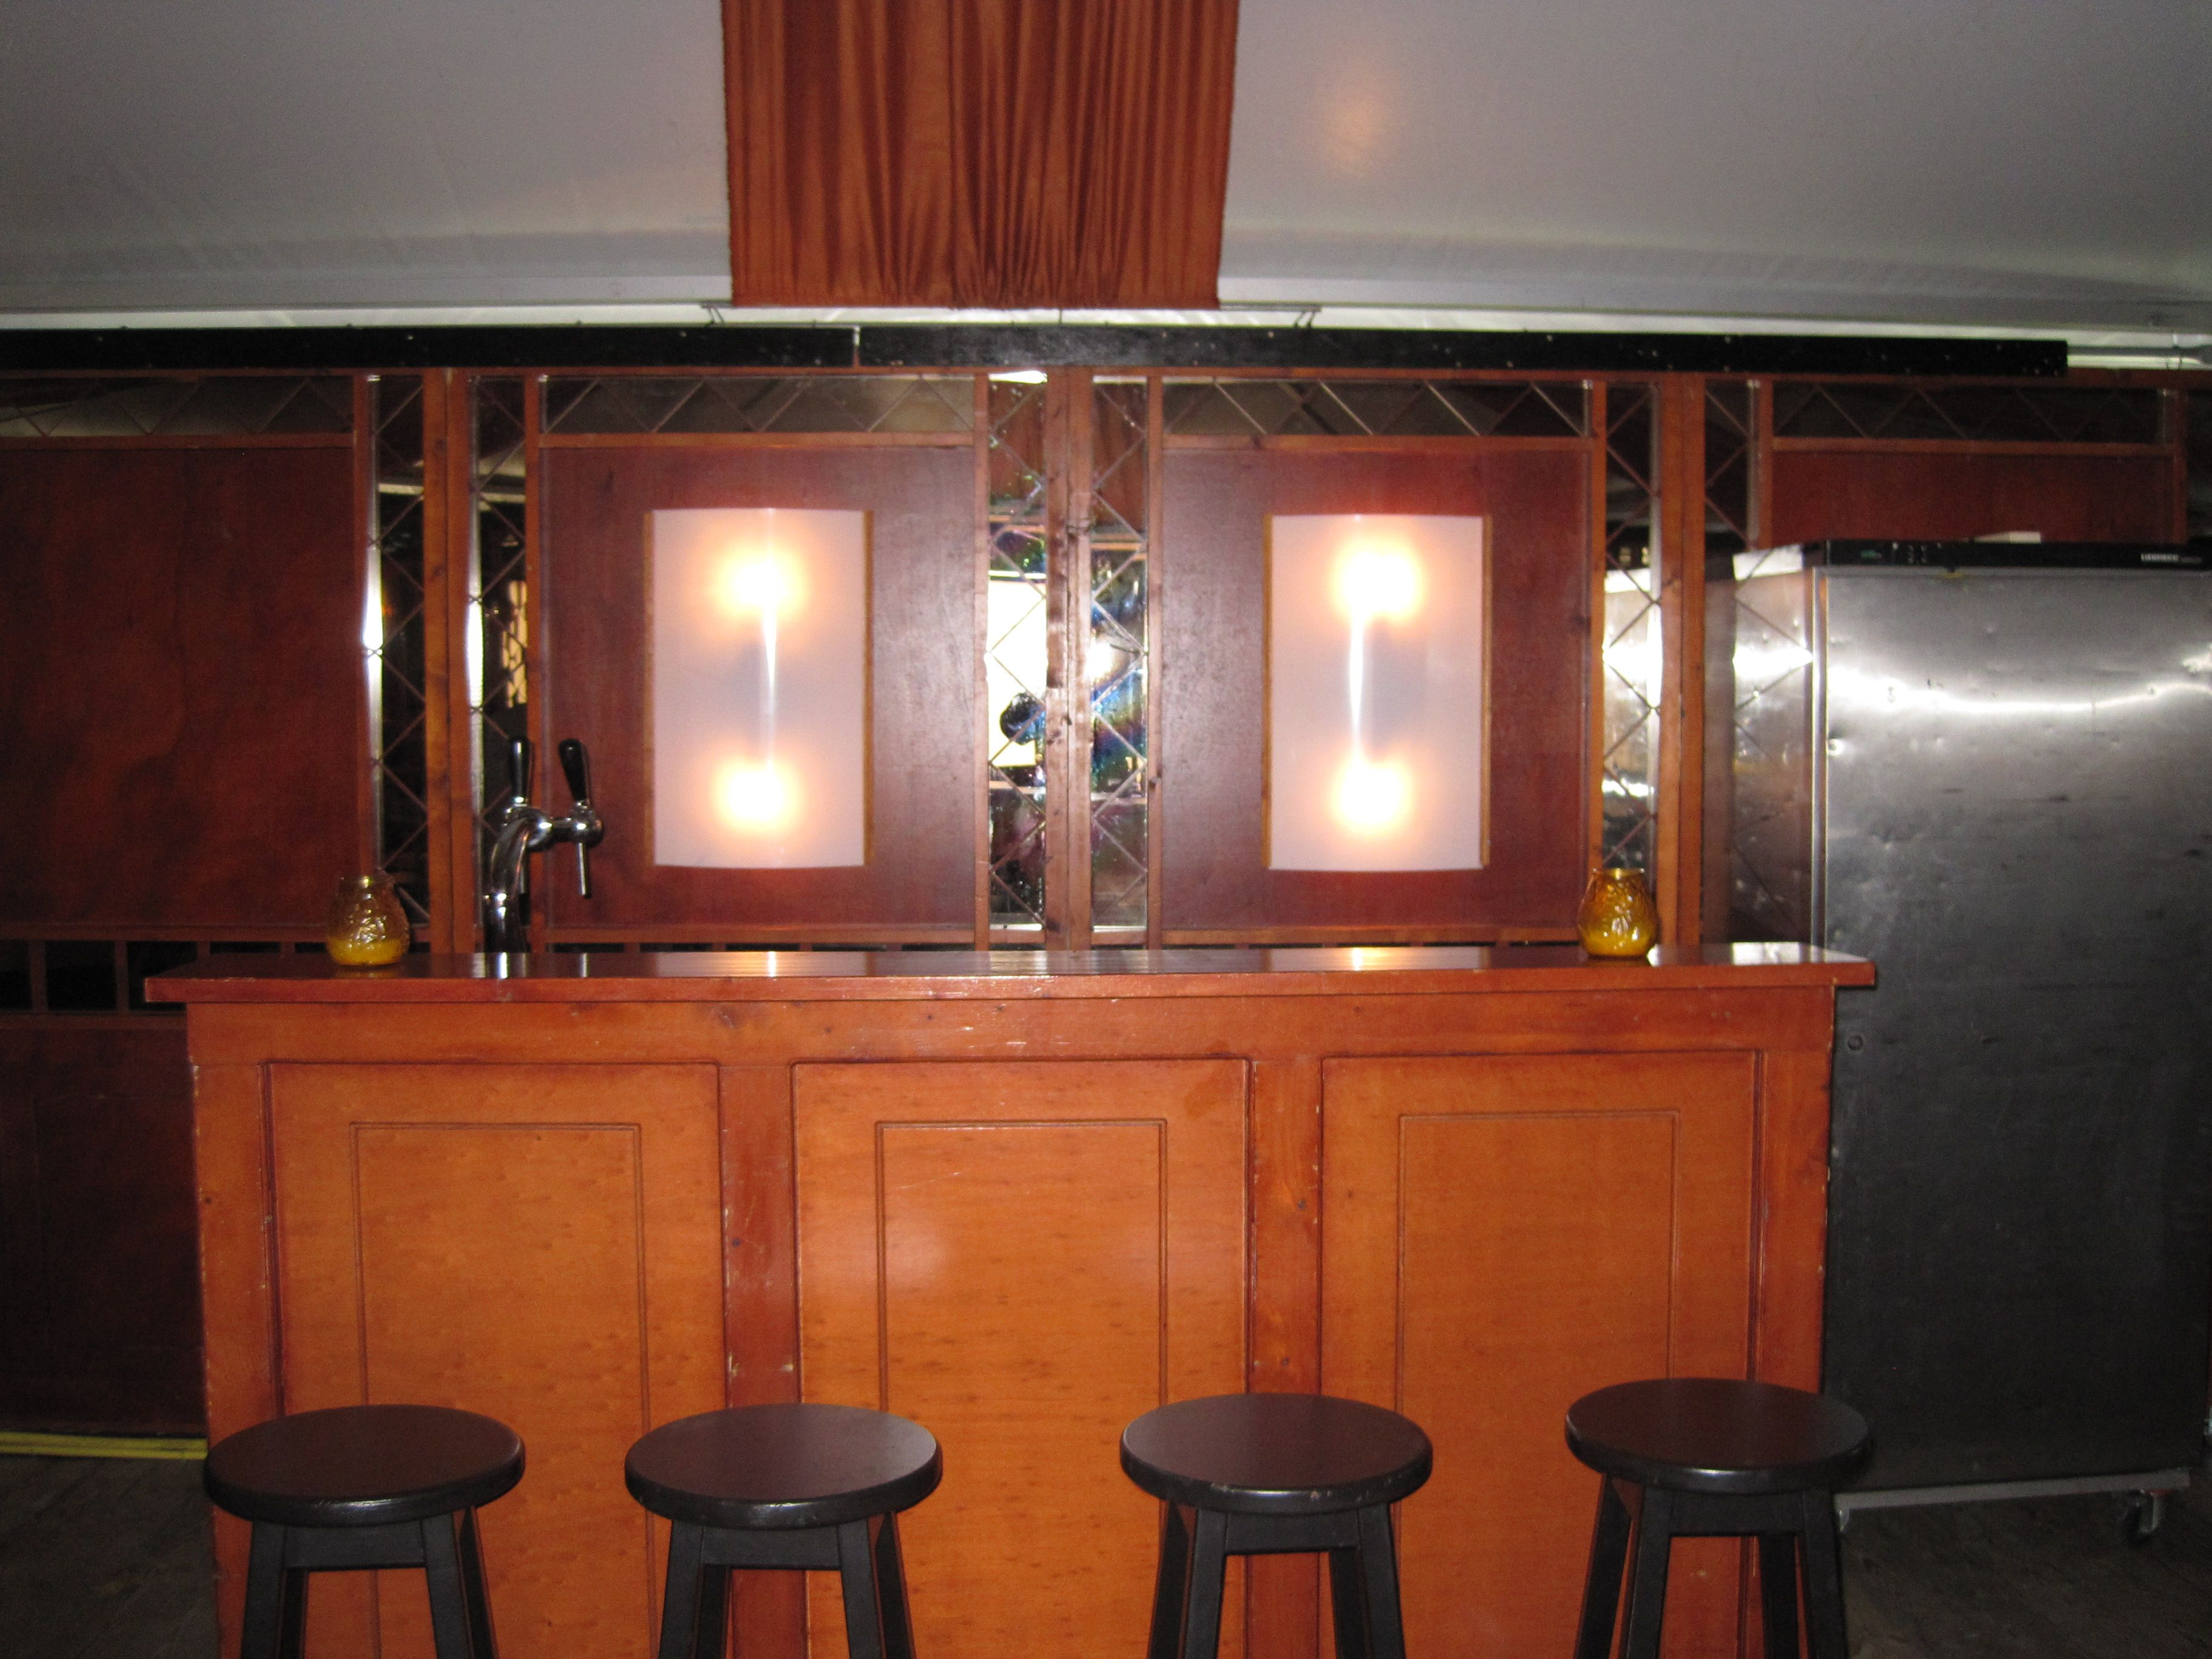 Een Sfeerimpressie Van Onze Mahonie Bar Te Huur Bij Van Rijswijk Verhuur In Genderen Bar Verhuur Feest Decoratie Inrichting Meubilair Tent Marktkramen